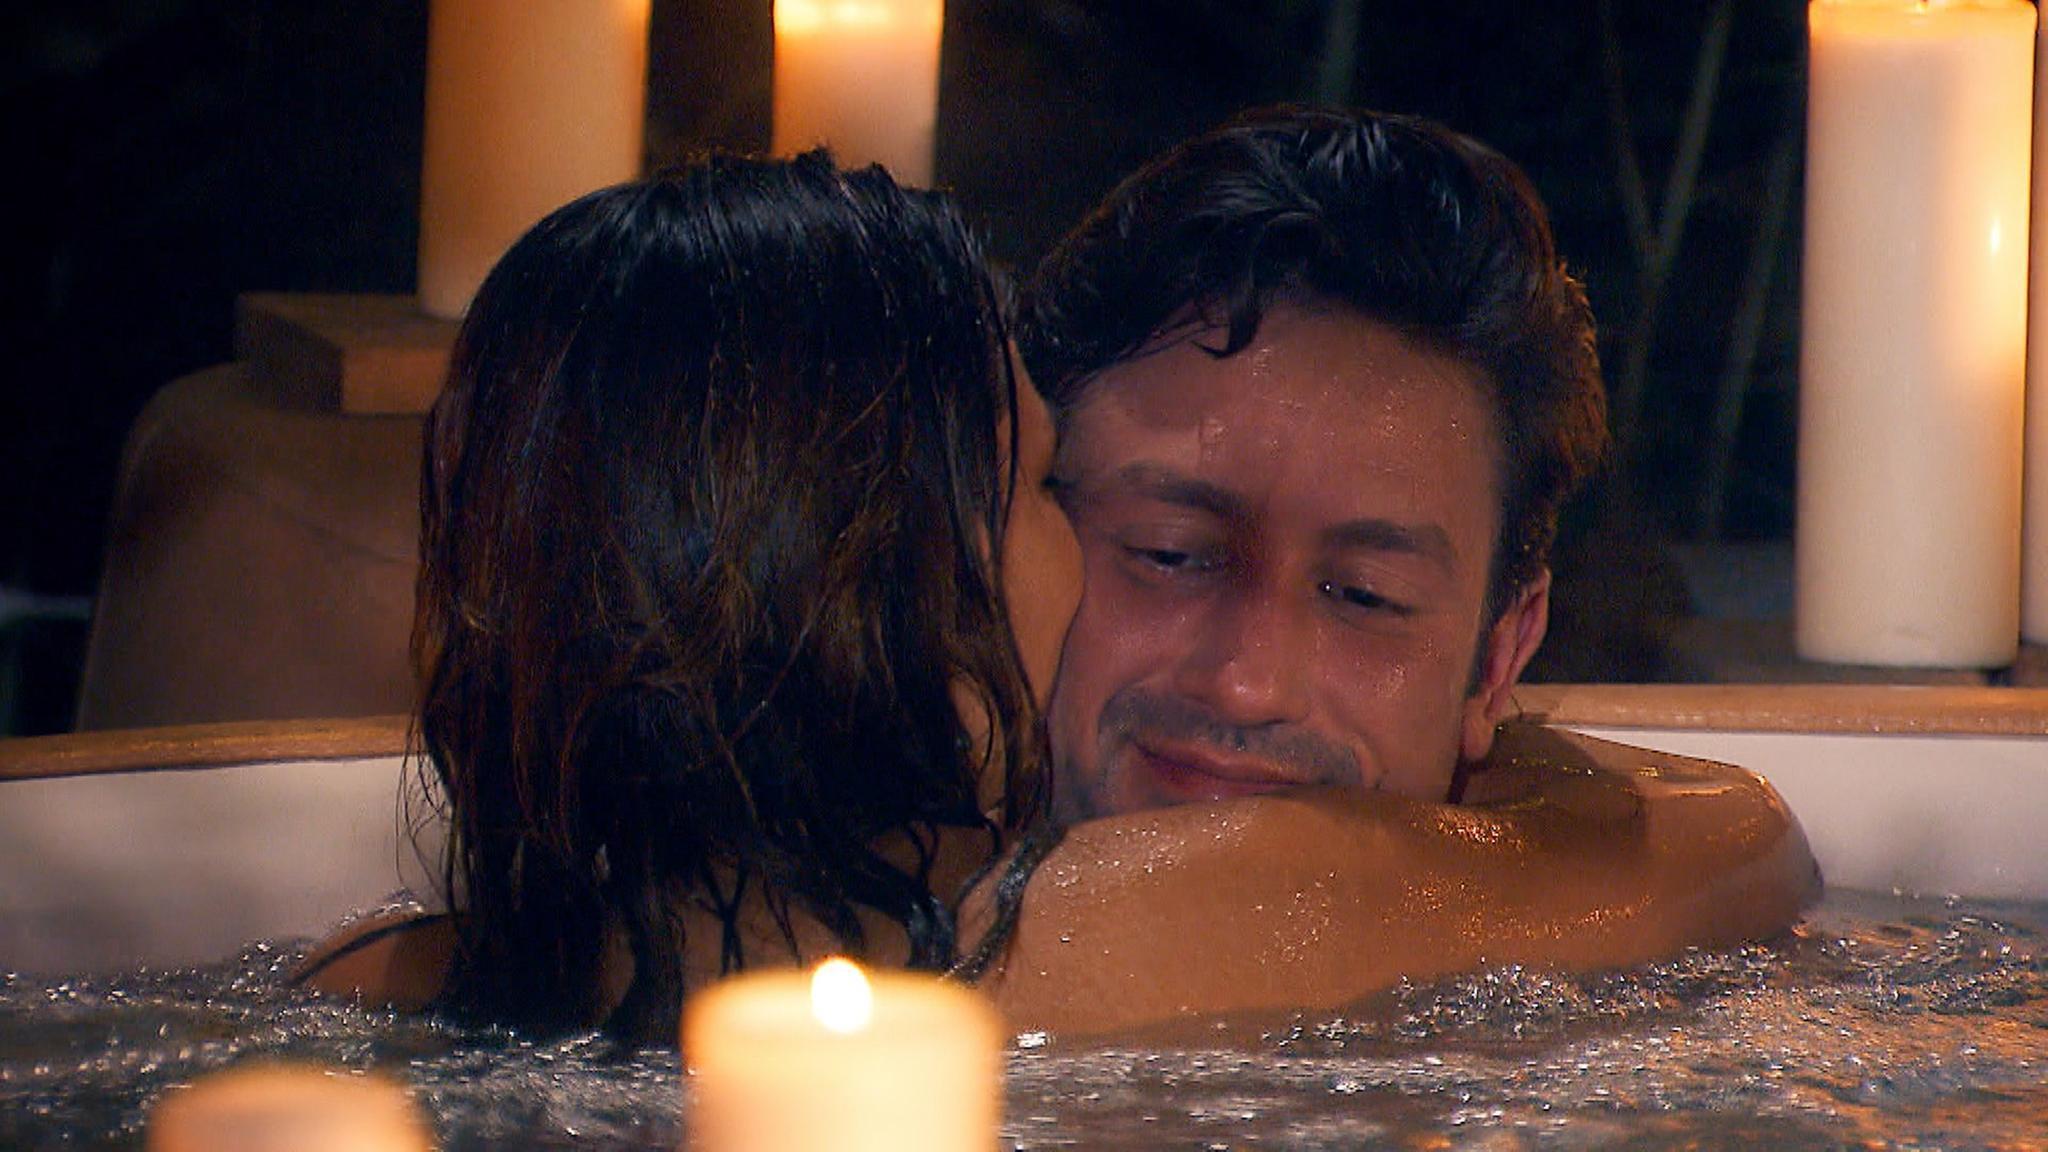 Kristina und Daniel kommen sich im Whirlpool näher